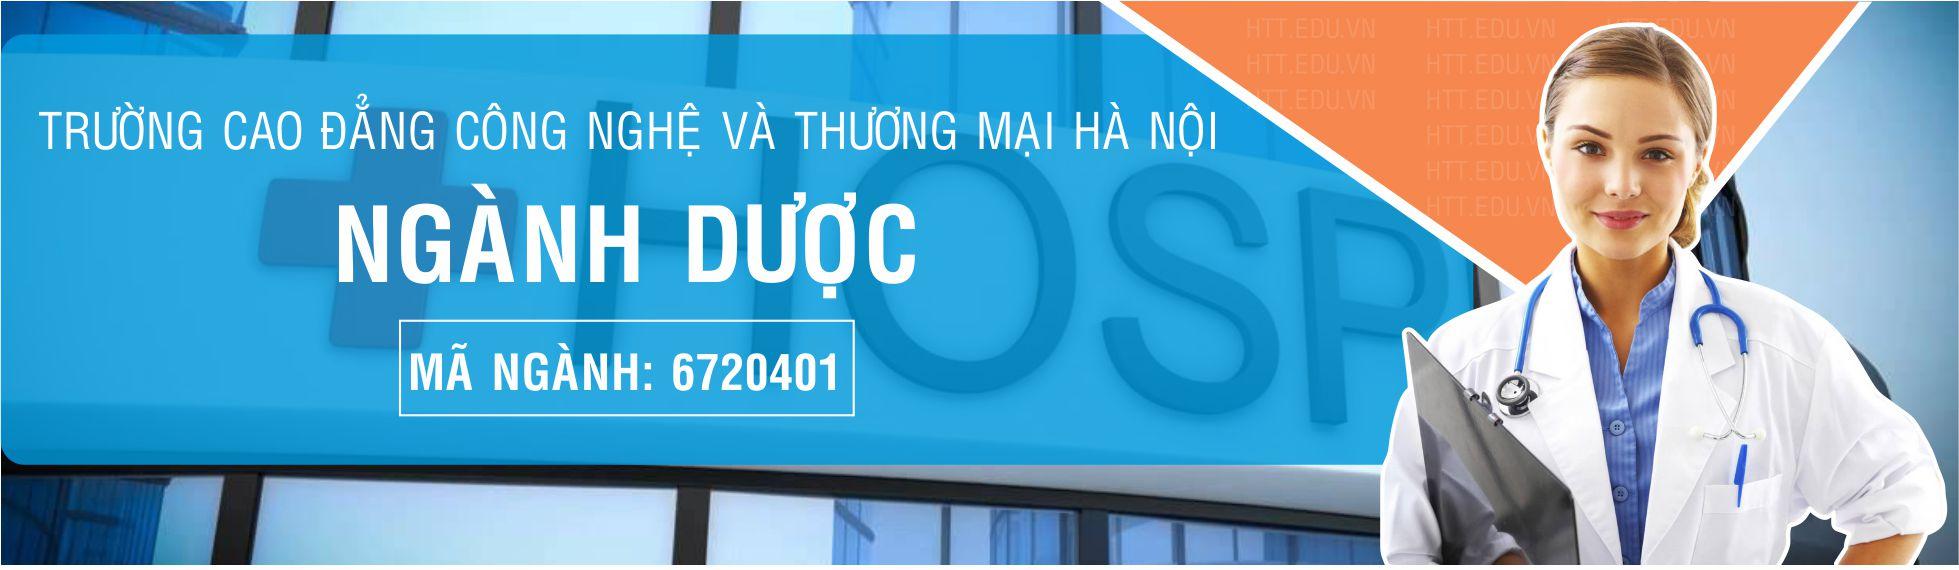 cao-dang-duoc-ha-noi-htt.edu.vn-2